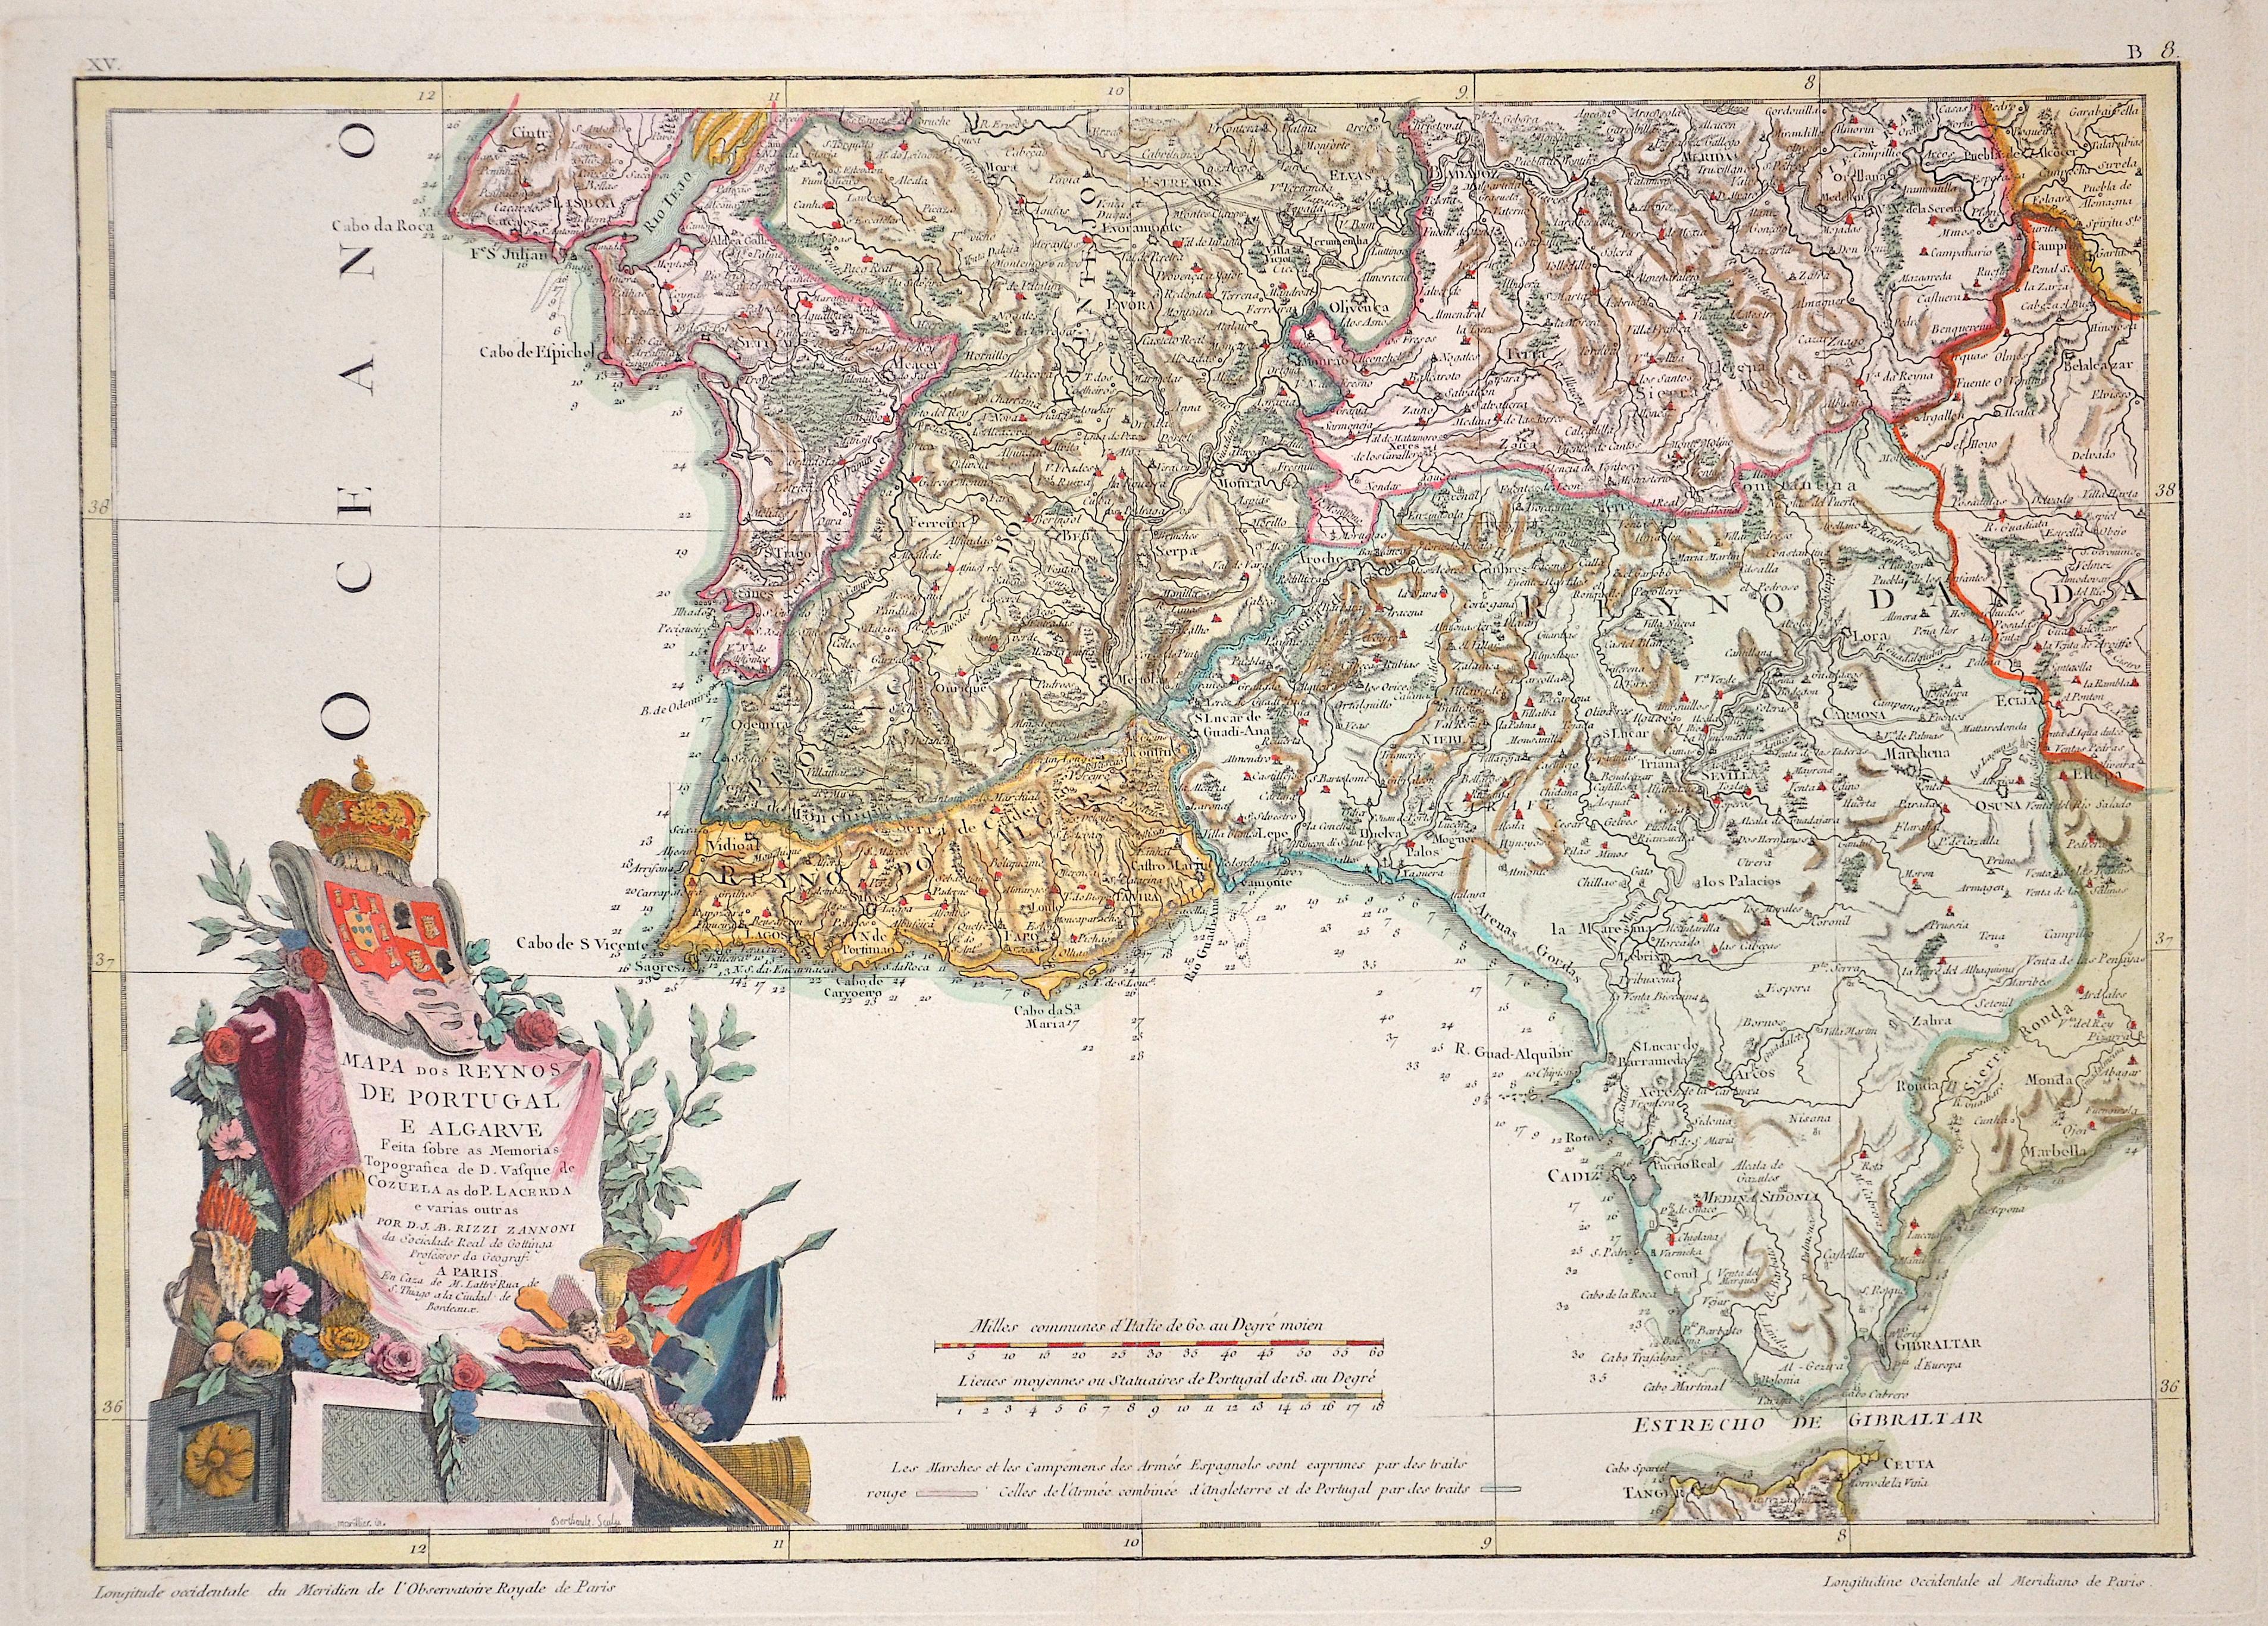 Rizzi Zannoni Giovanni Antonio Mapa dos Reynos de Portugal e Algarve